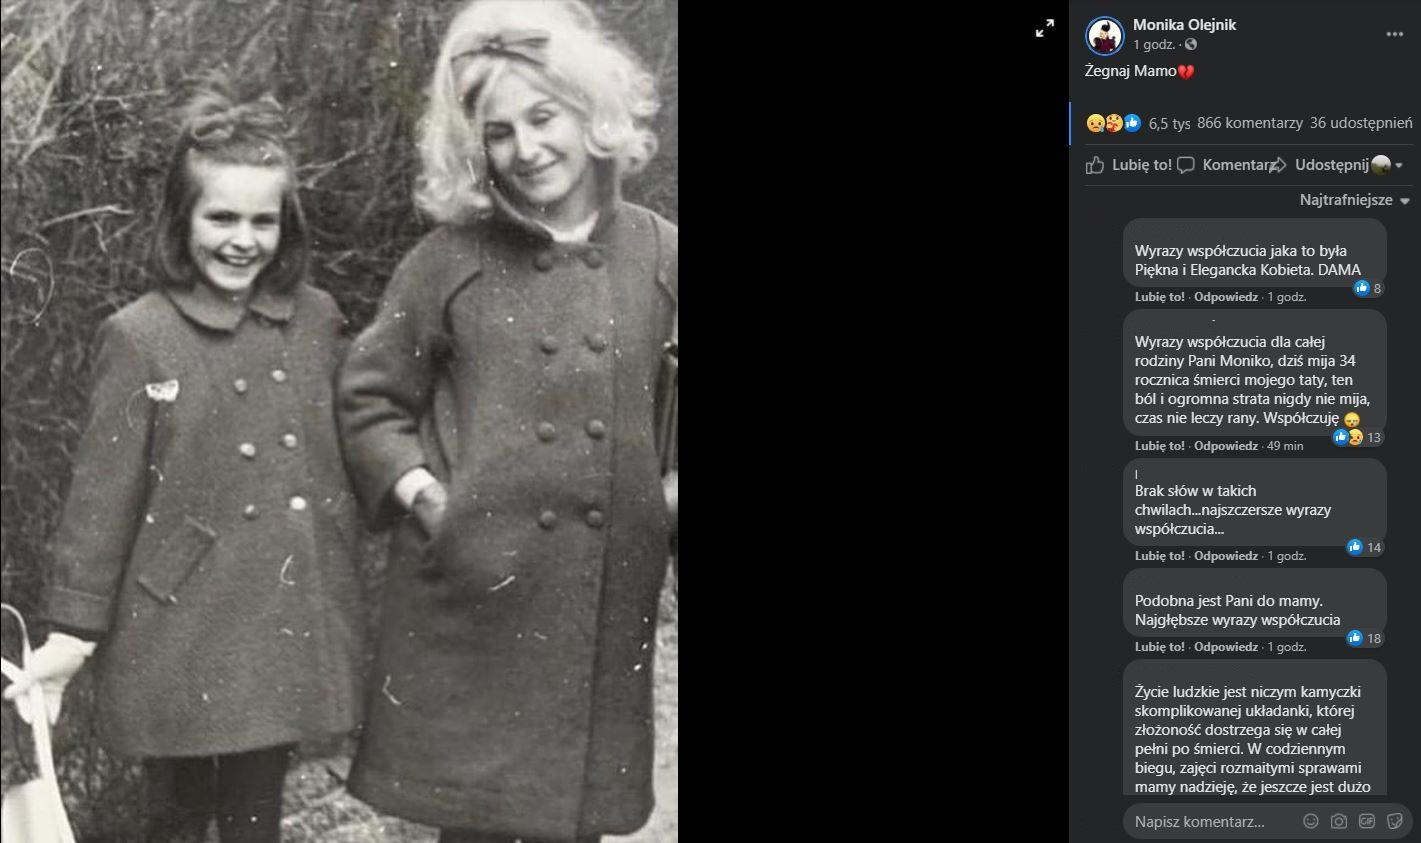 Monika Olejnik pożegnała swoją mamę